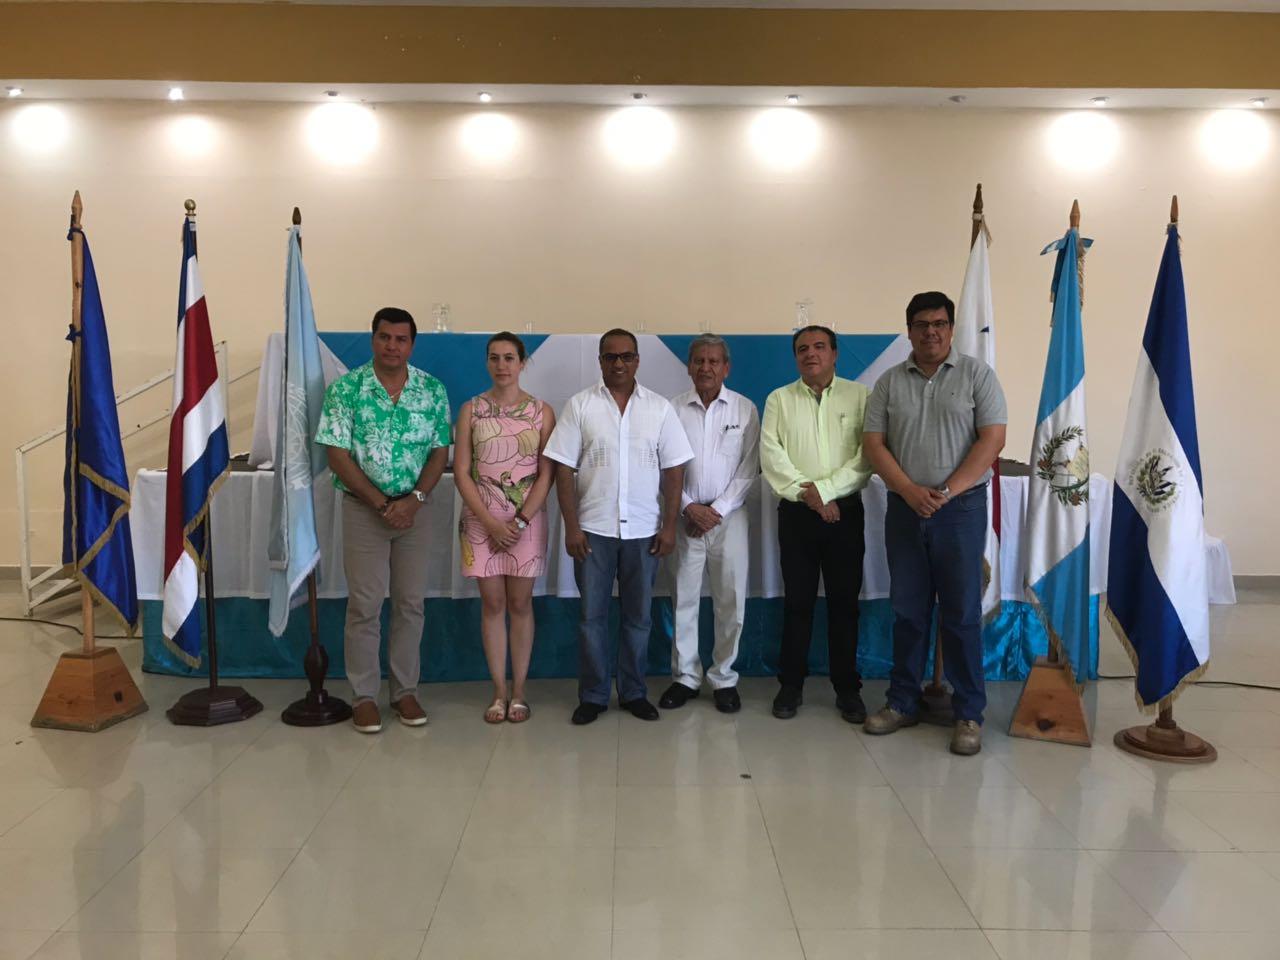 Acto oficial de clausura de los módulos IV y VI del Taller Regional del Diplomado en Blindaje Climático se realizó en Ciudad de Puerto Barrios, Guatemala